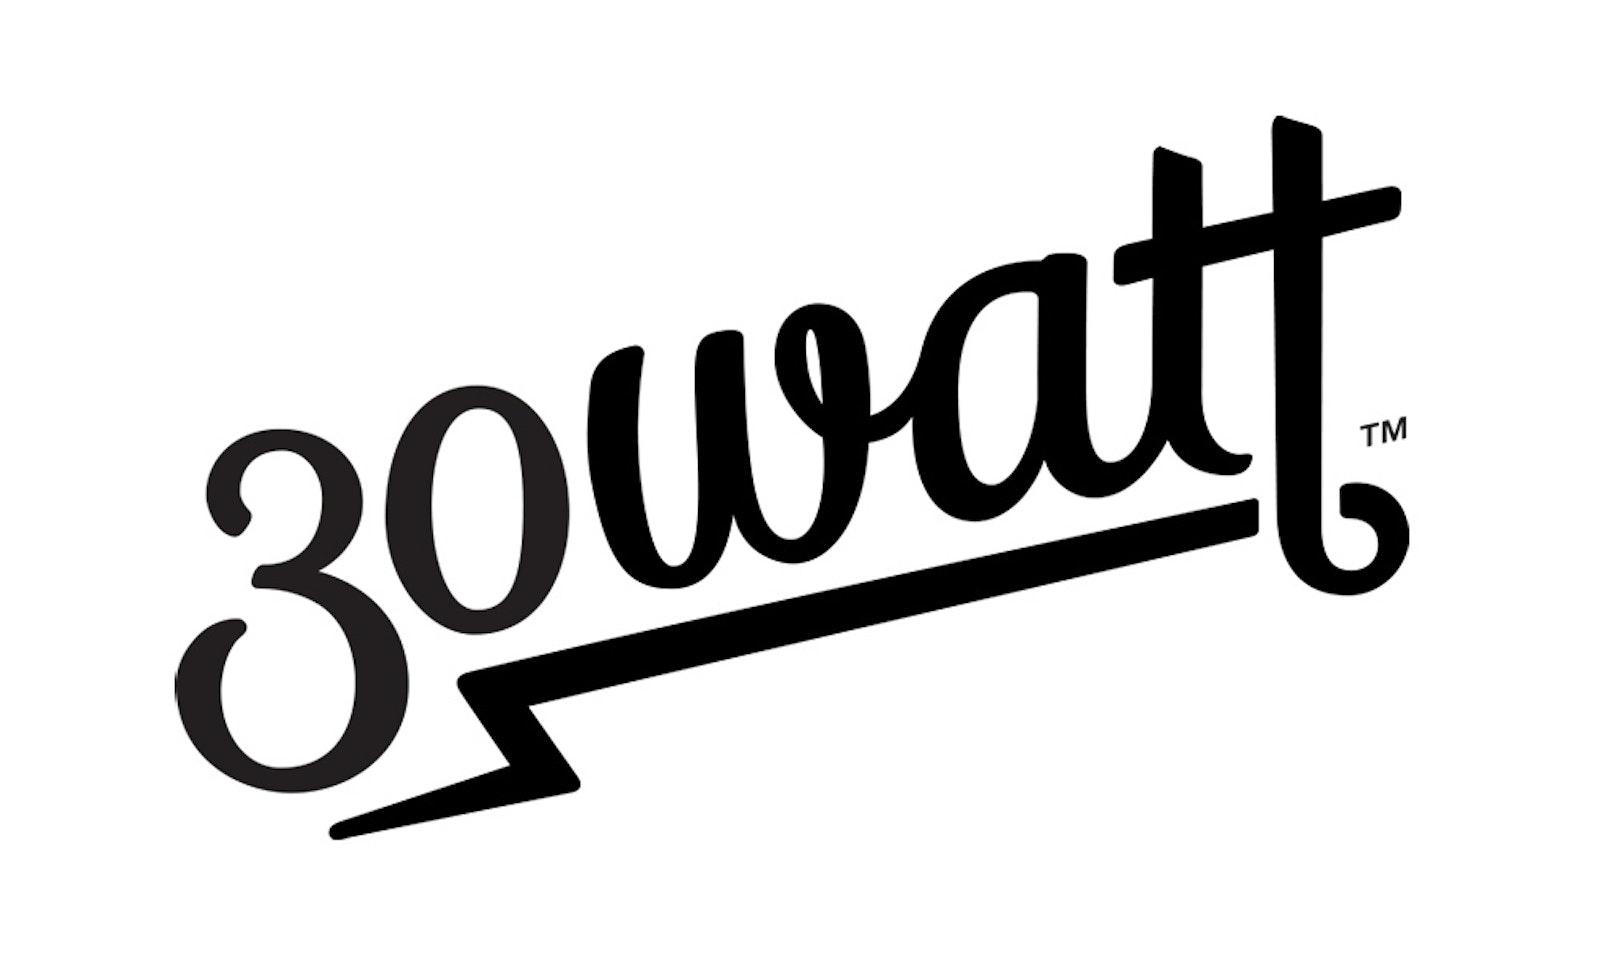 CAP 30 Watt Logo